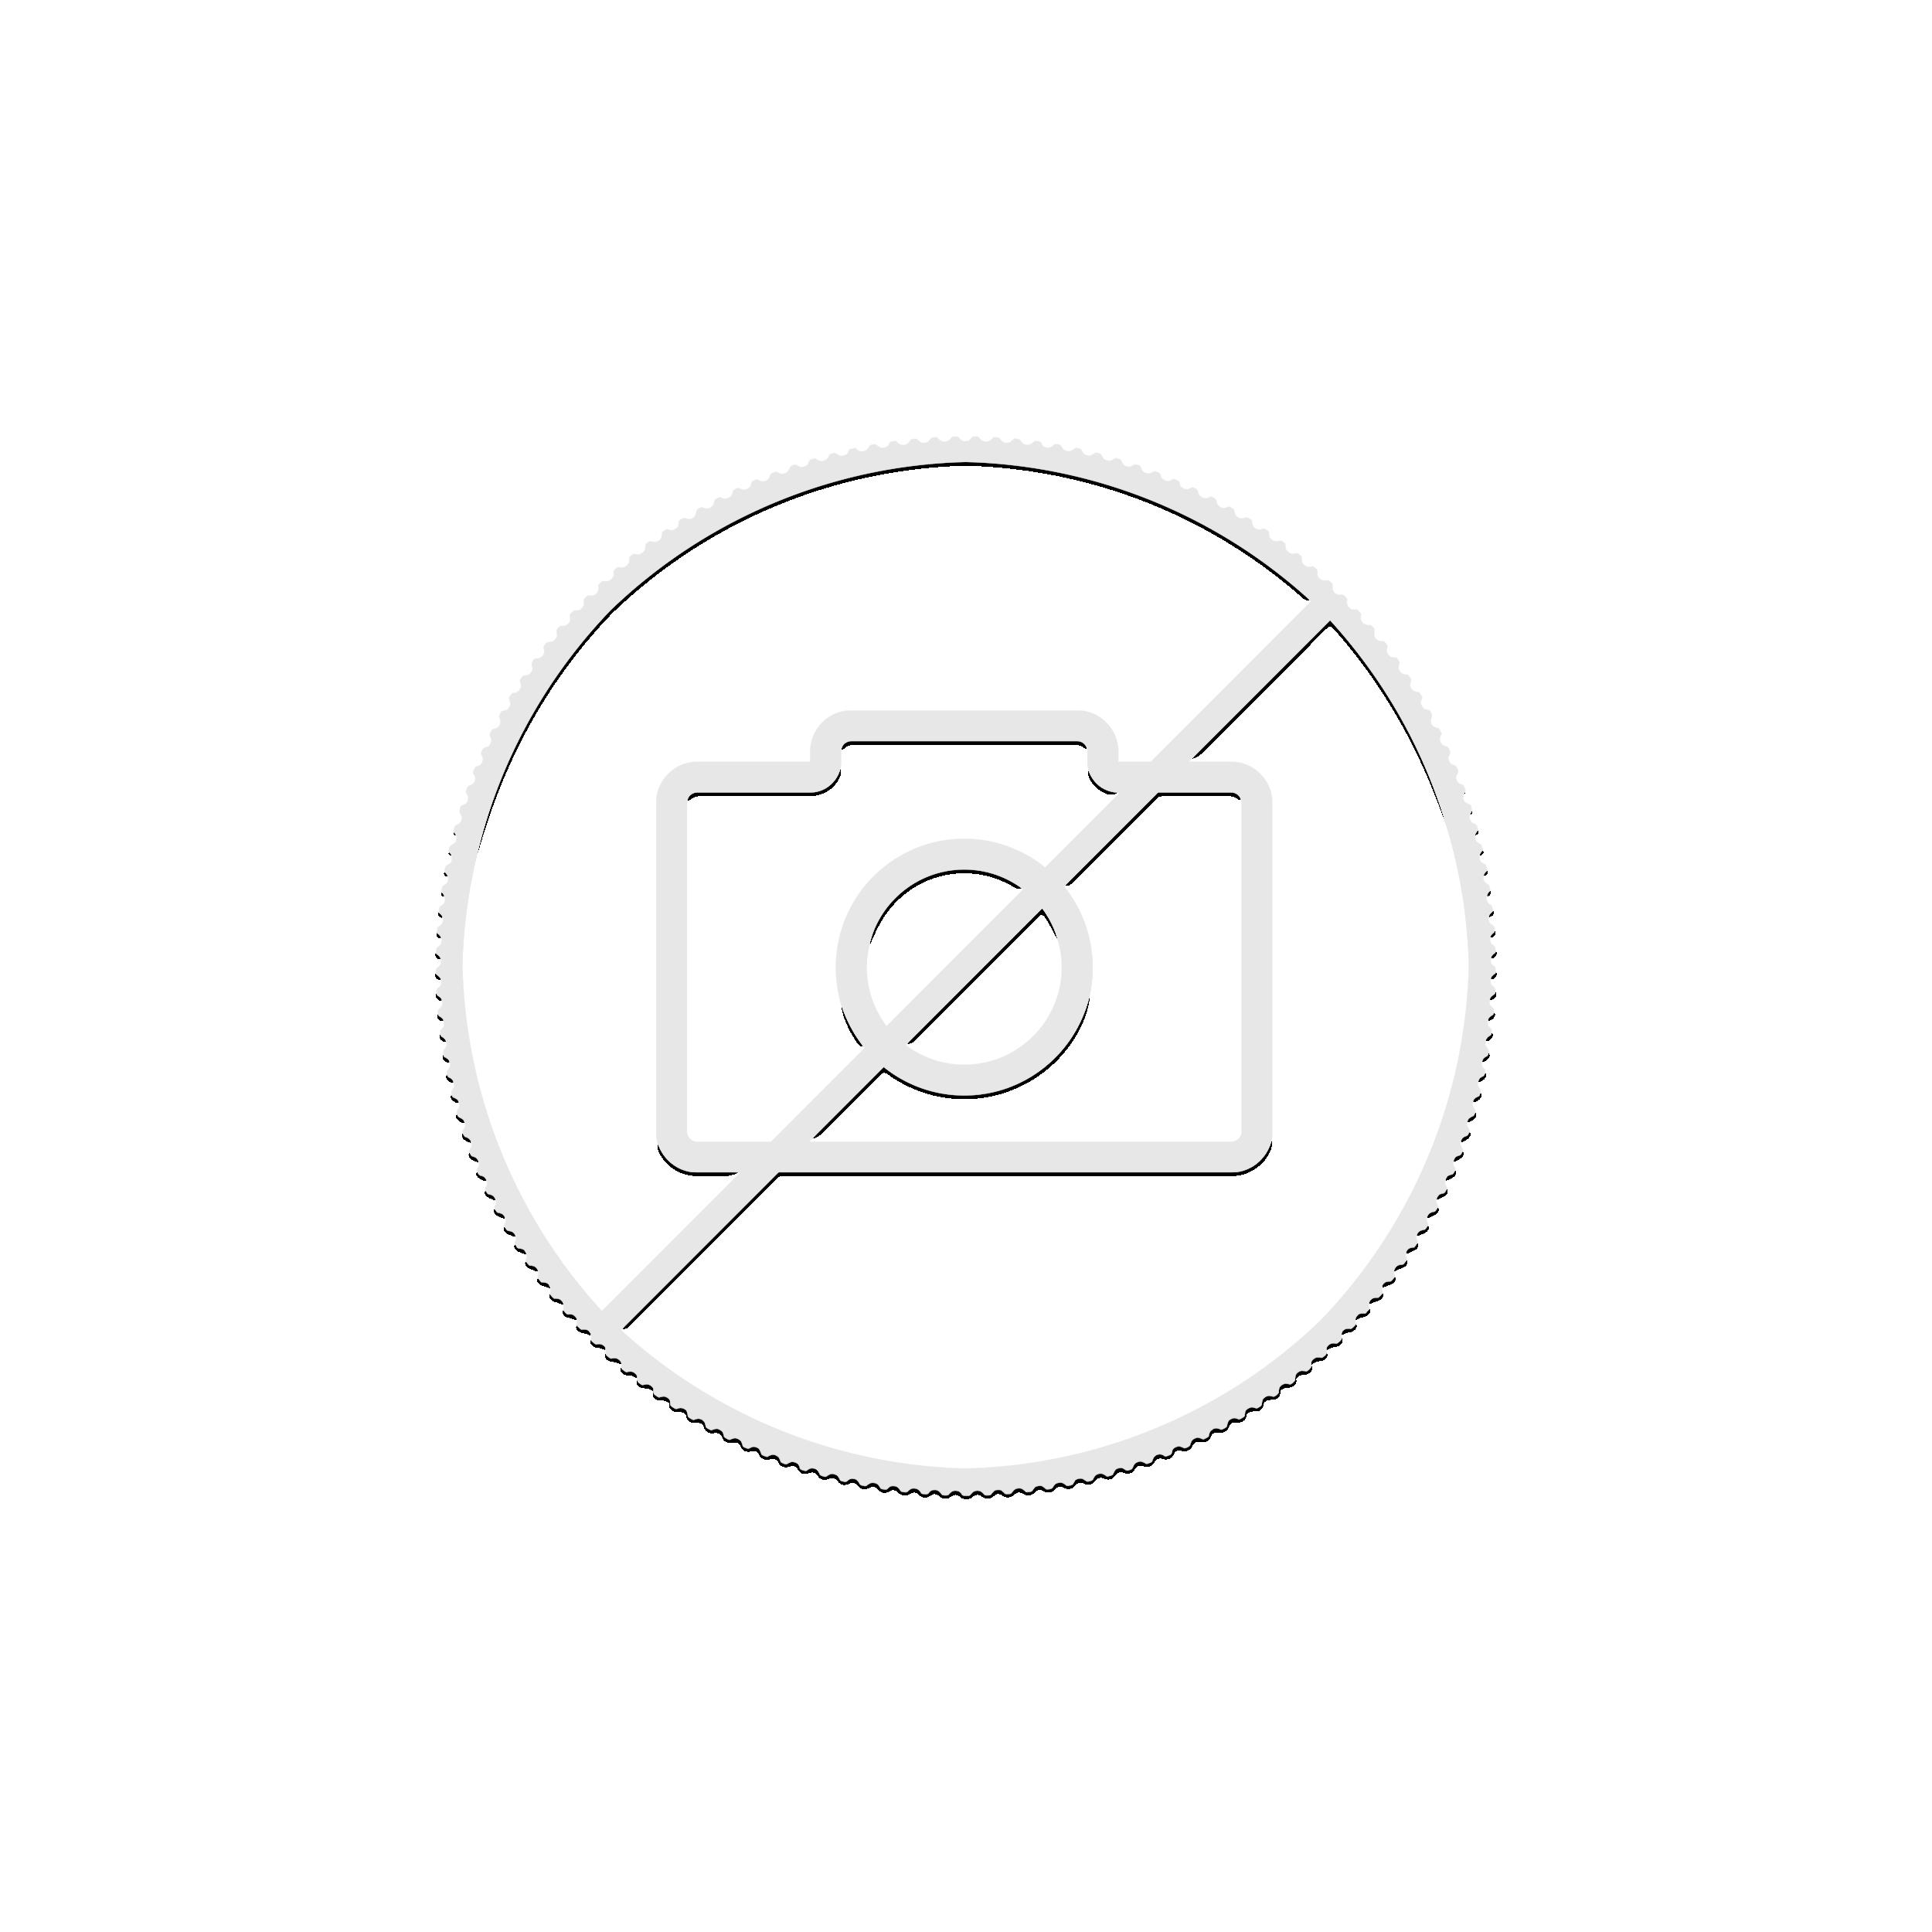 1 troy ounce silver coin Lunar 2022